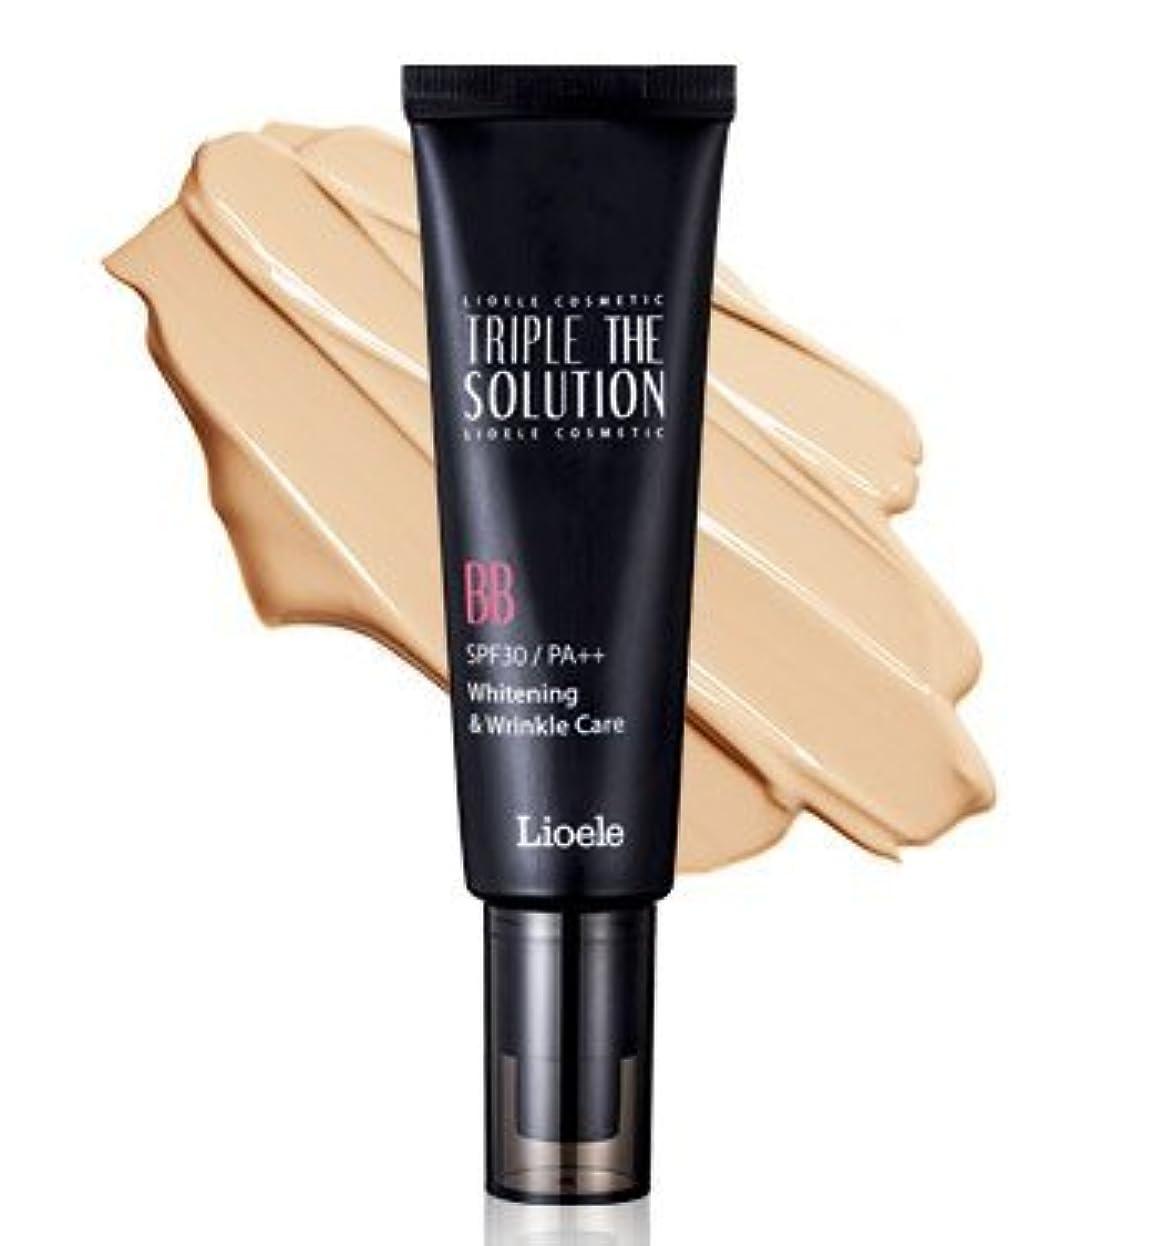 移動ファンド安全性リオエリ(Lioele) トリプル ザ ソルーション BBクリーム/Lioele Triple The Solution BB Cream [並行輸入品]